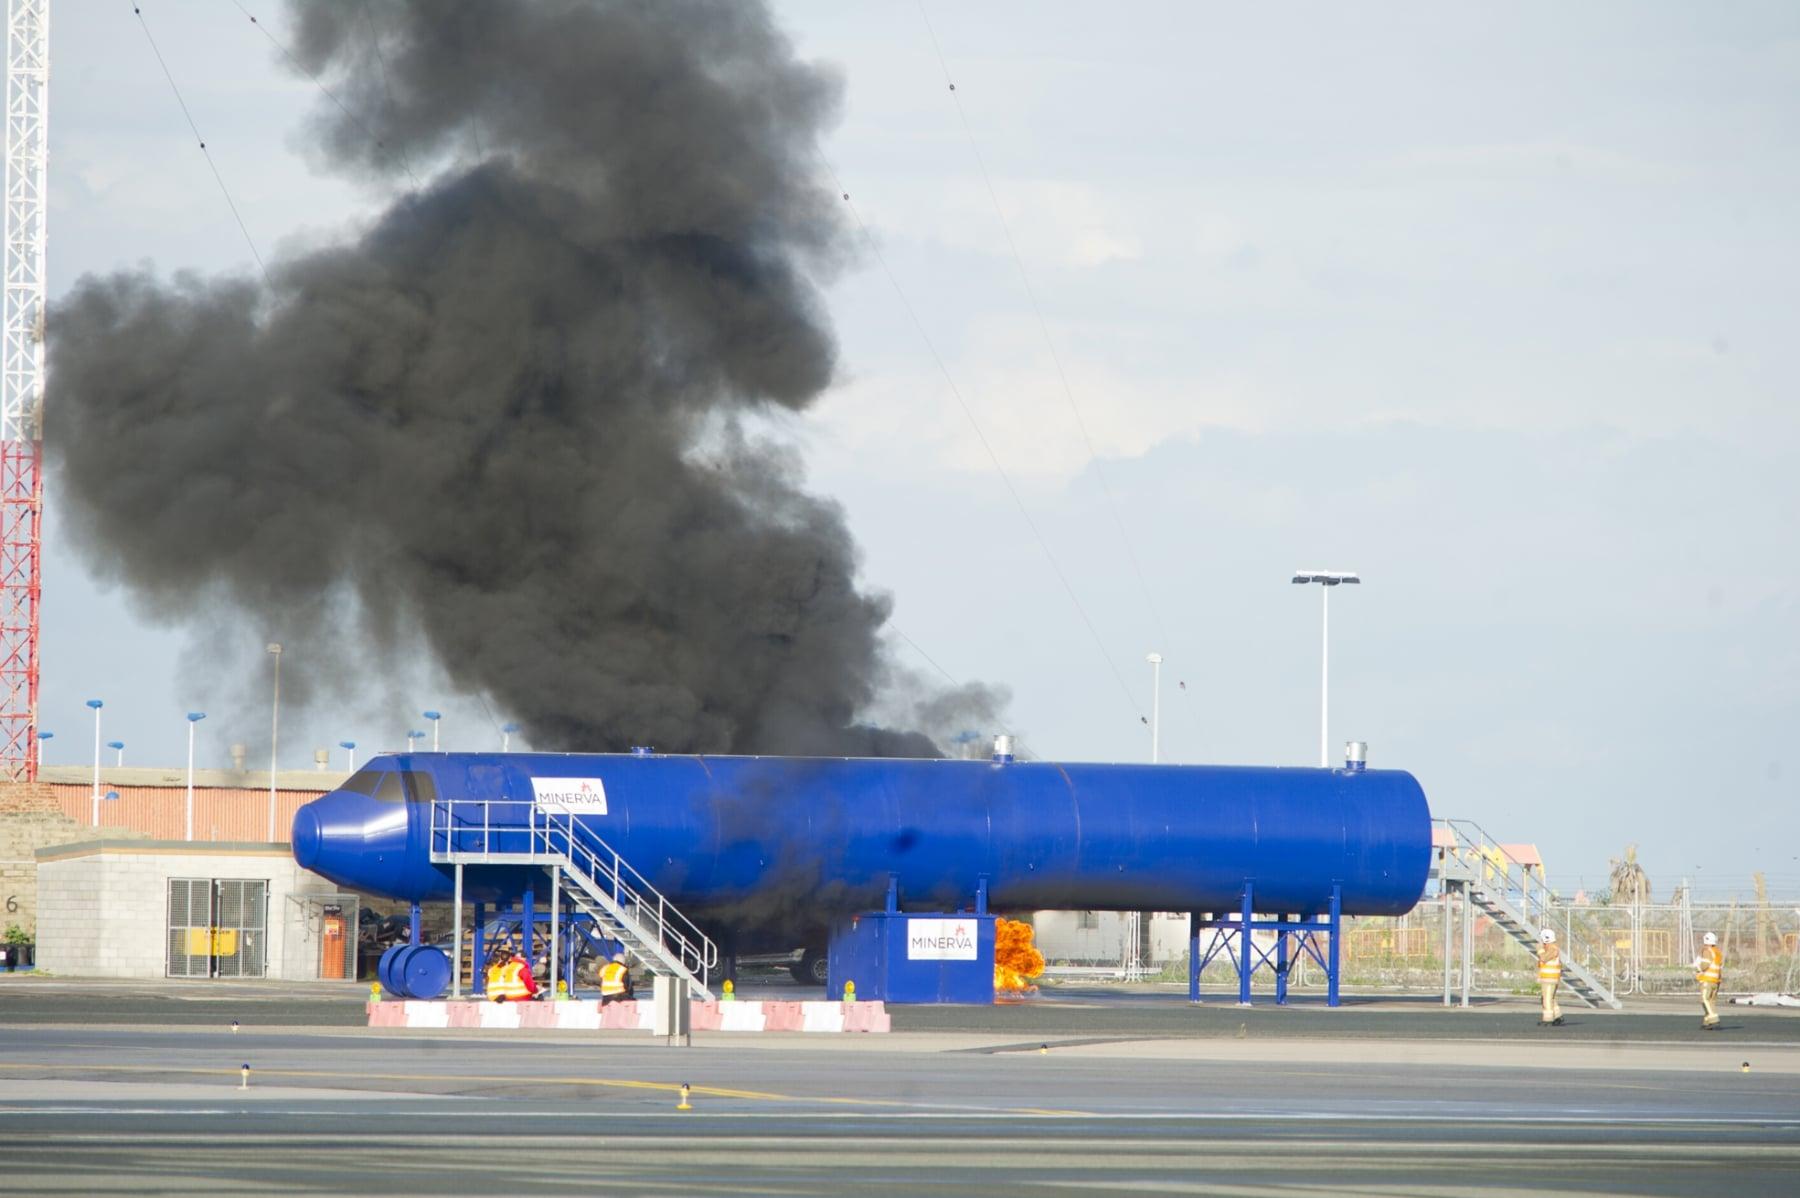 simulacro-accidente-aereo-en-gibraltar-03122014-03_15756652400_o